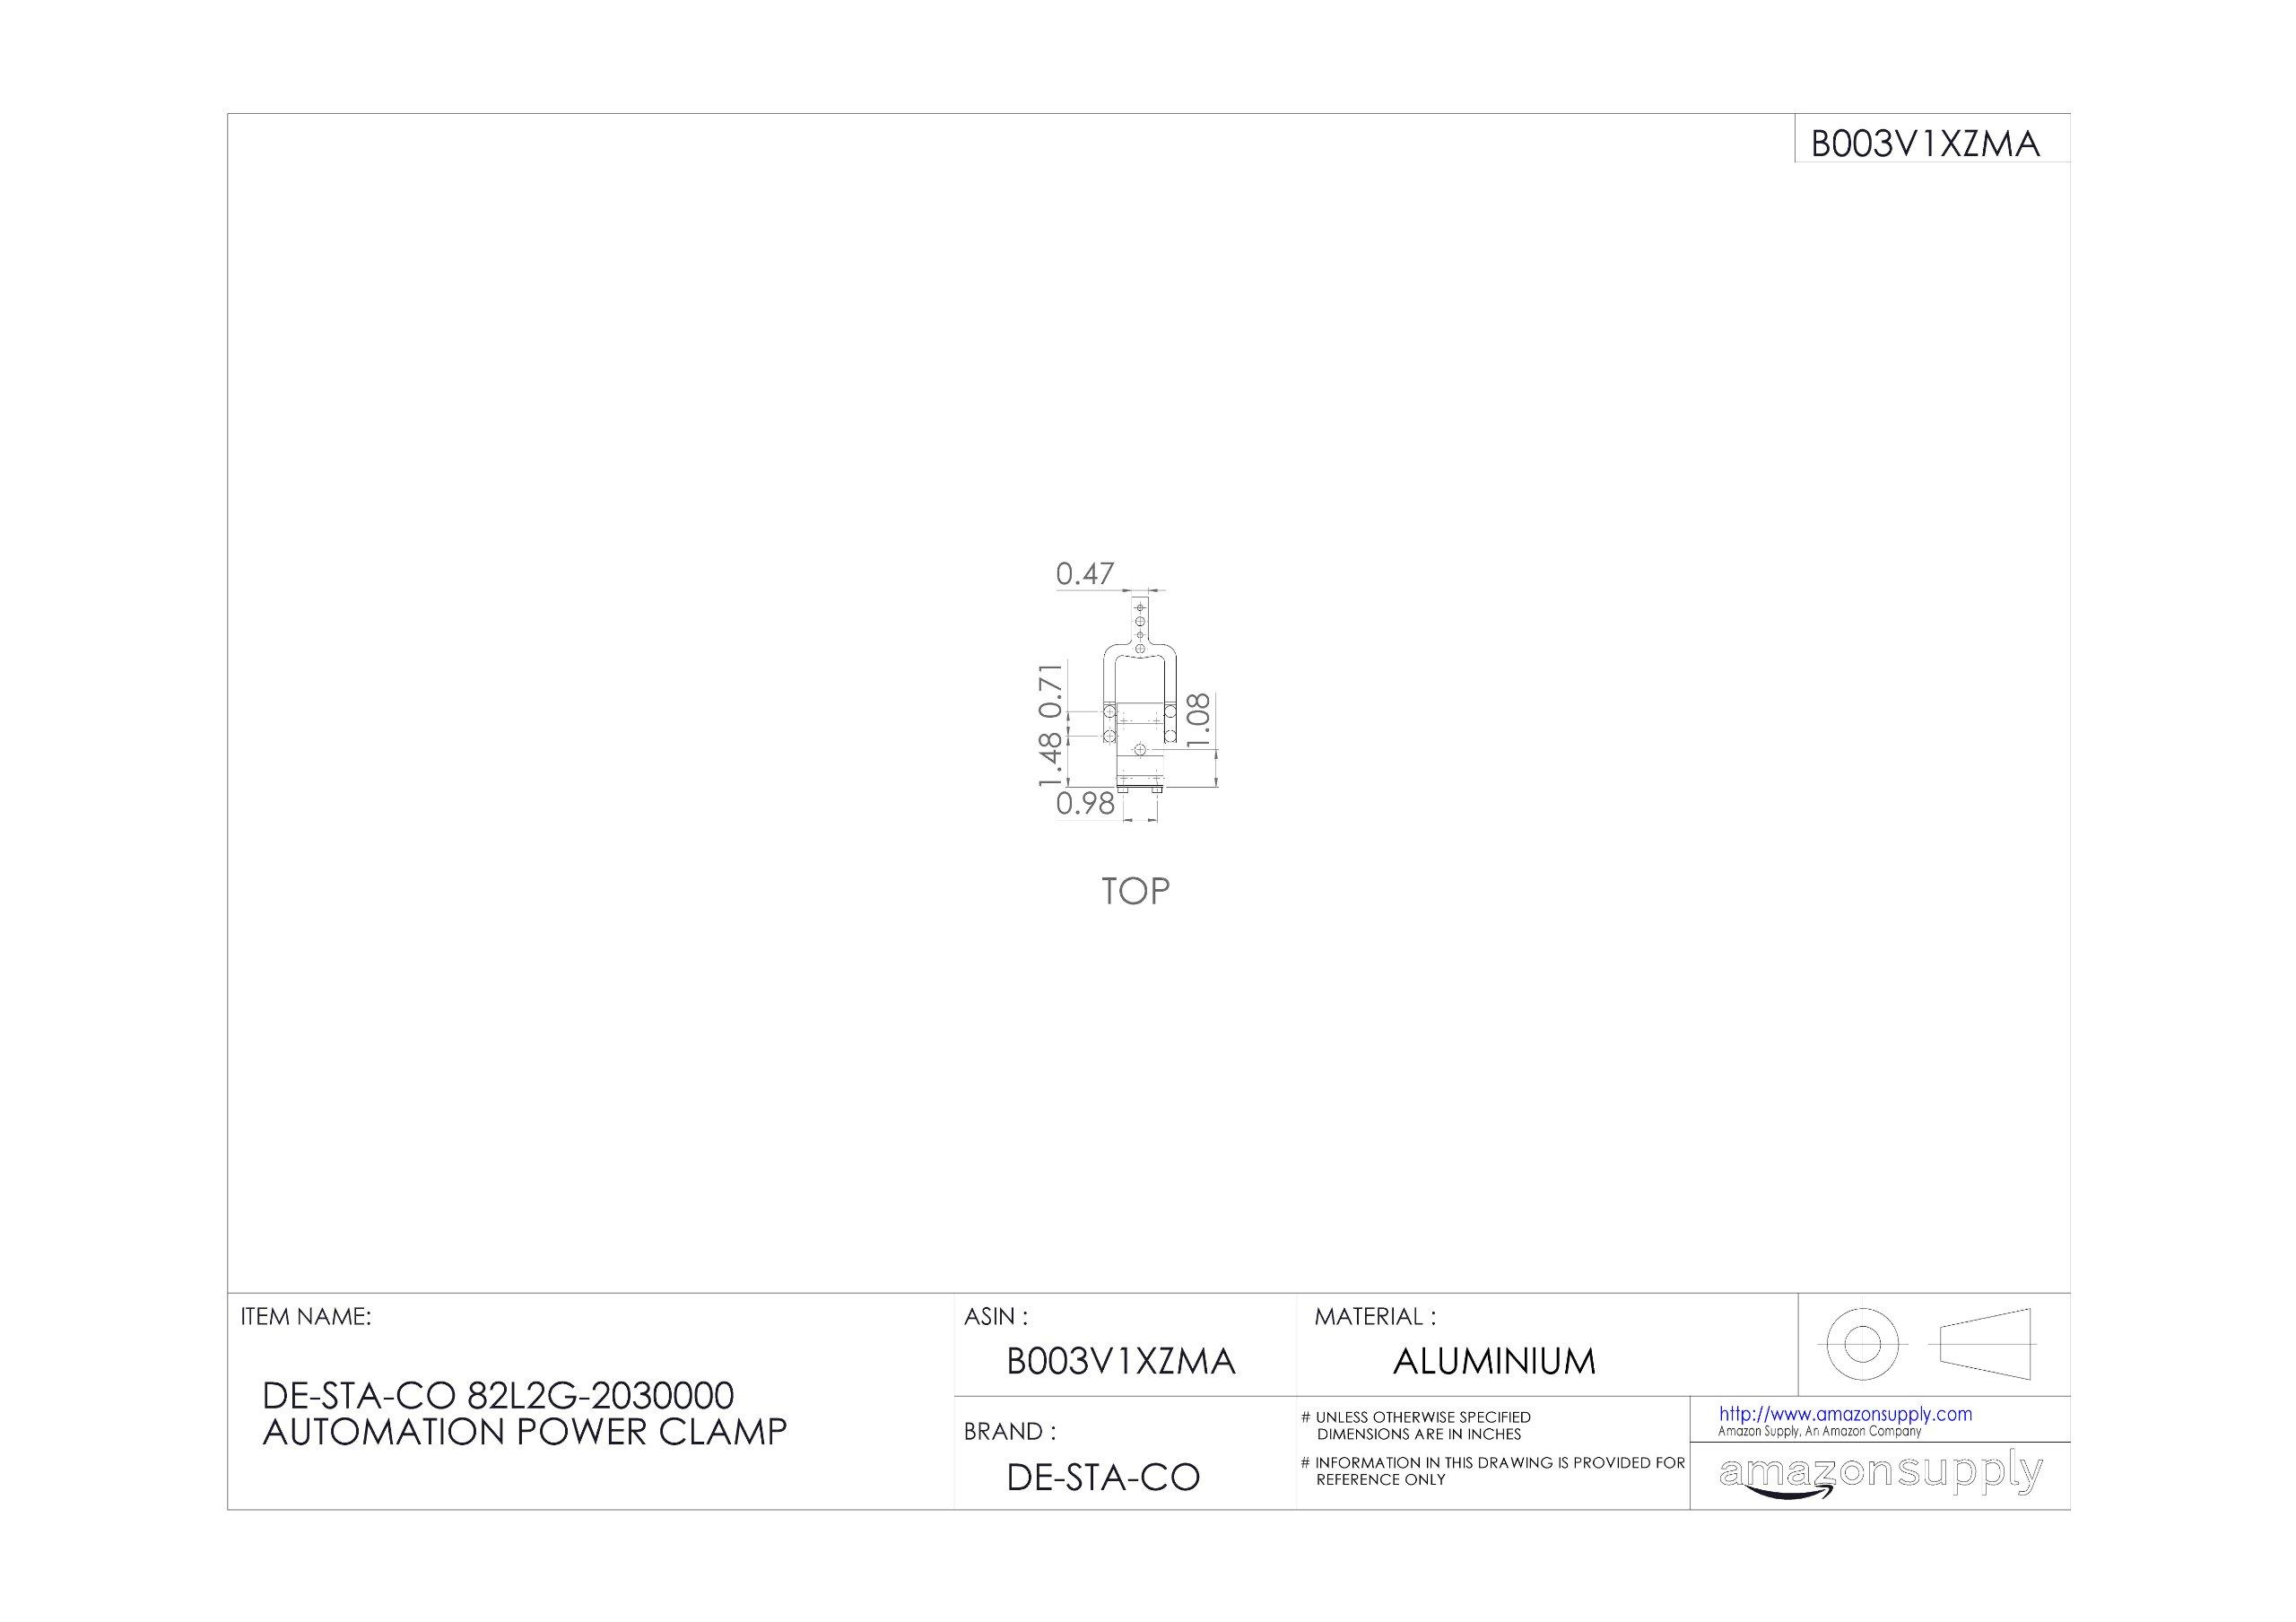 DE-STA-CO 82L2G-2030000 Automation Power Clamp by De-Sta-Co